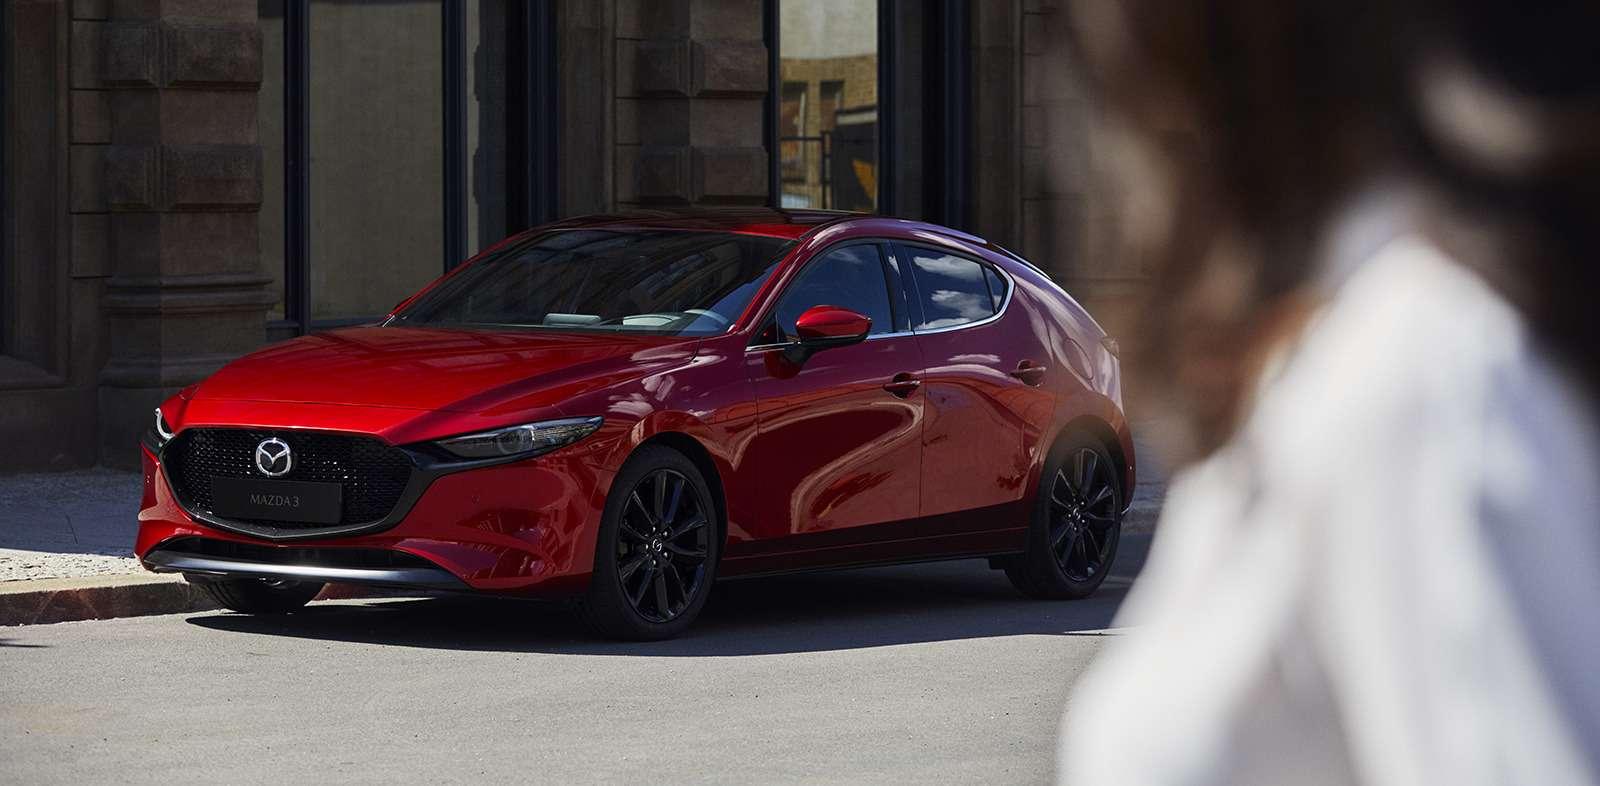 Новая Mazda 3: рассматриваем вдеталях совсех сторон— фото 928204